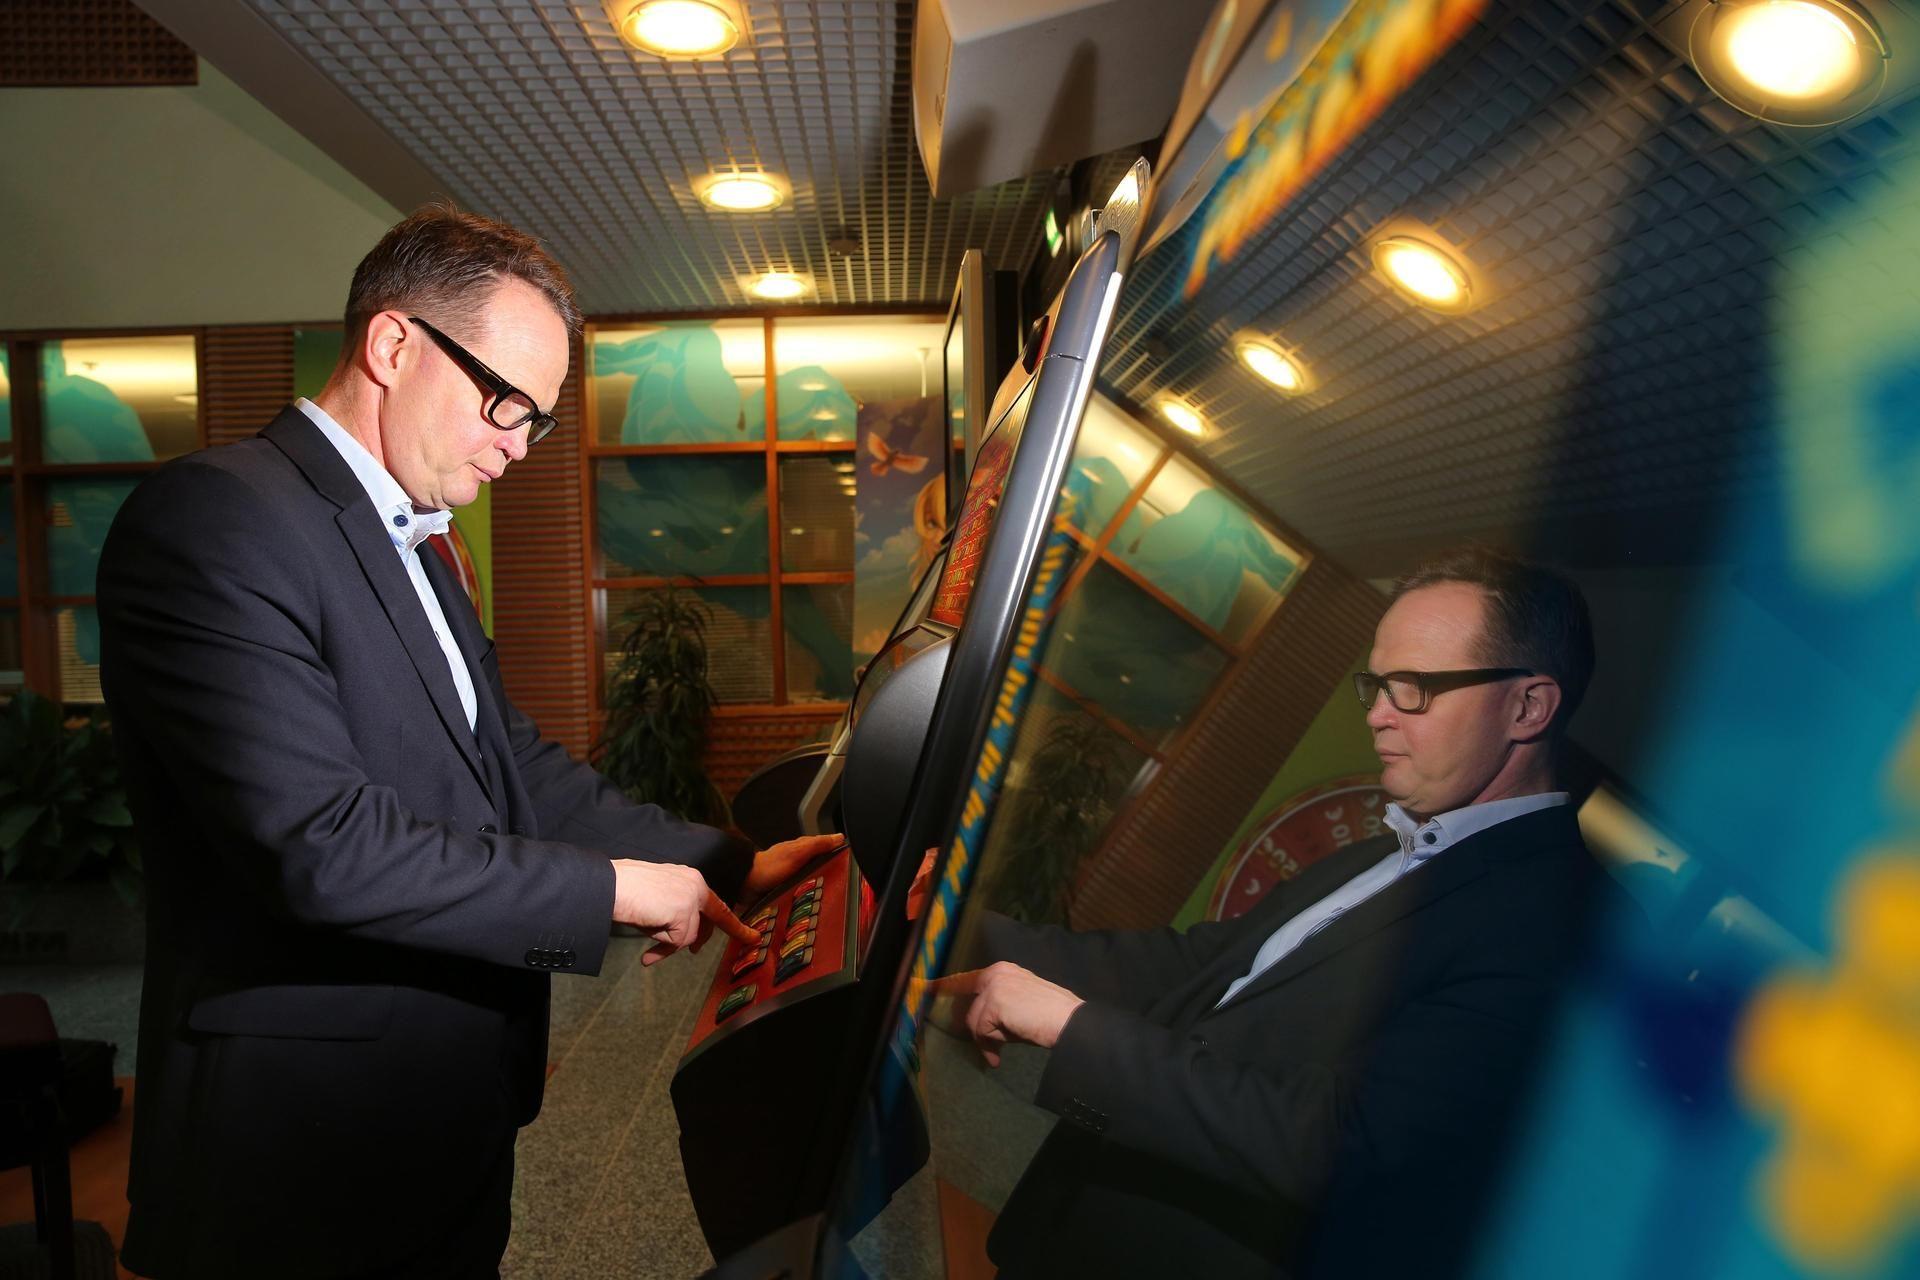 Kun Velipekka Nummikoski nousi Raha-automaattiyhdistyksen toimitusjohtajaksi, hän lakkautti ensimmäiseksi johtajien kerroksen. Nummikoski vaihtaa työpistettään säännöllisesti, koska hyvä pomo johtaa koko taloa.